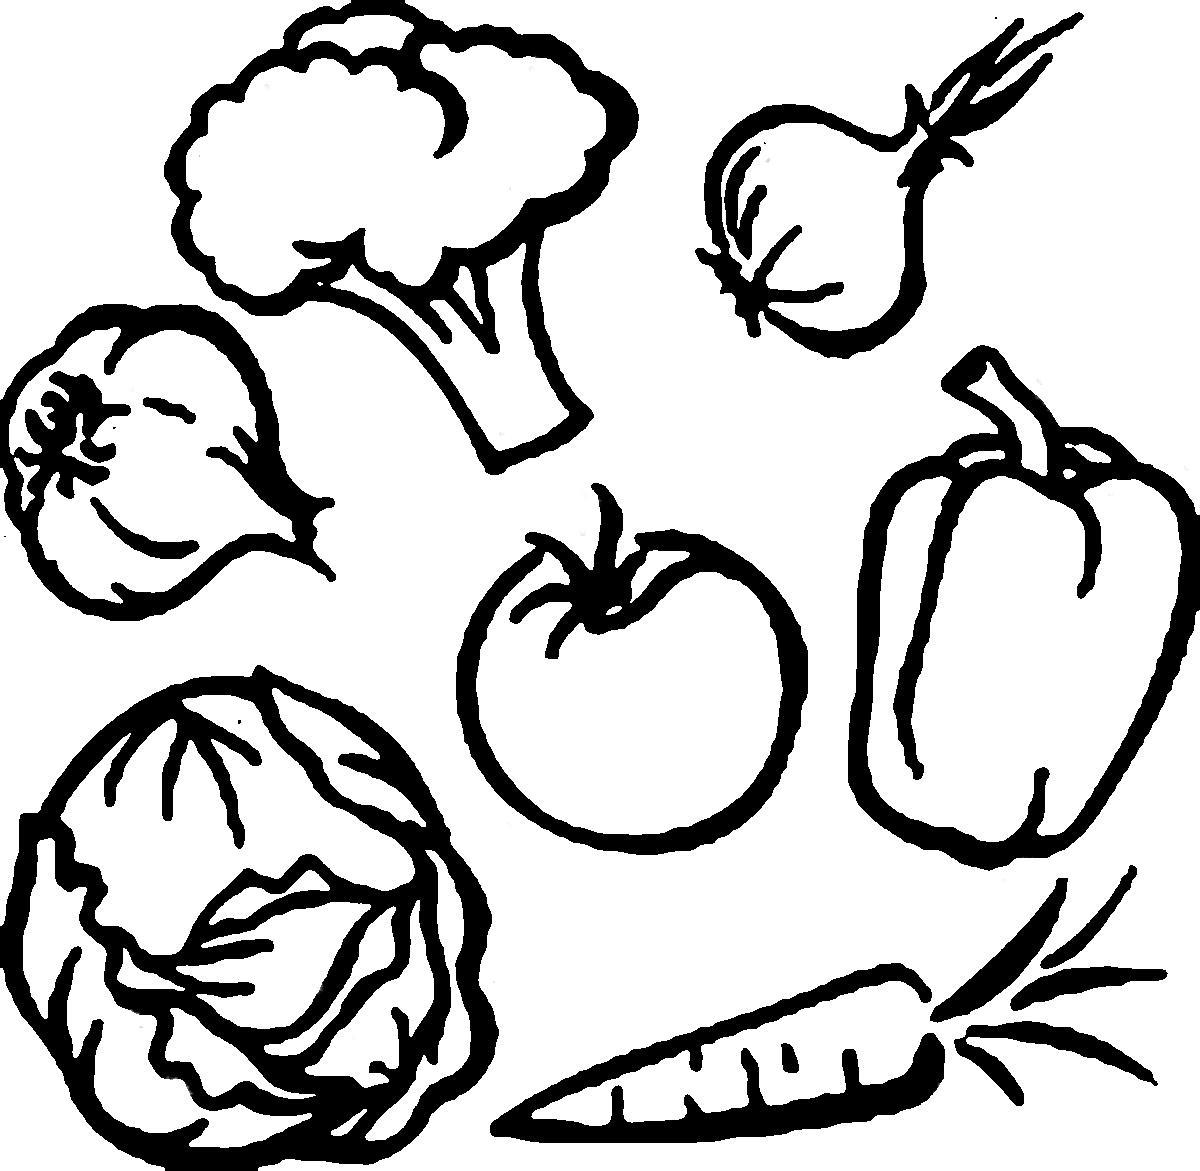 раскраски с едой на тему окружающий мир для мальчиков и девочек.  раскраски с едой для детей и взрослых